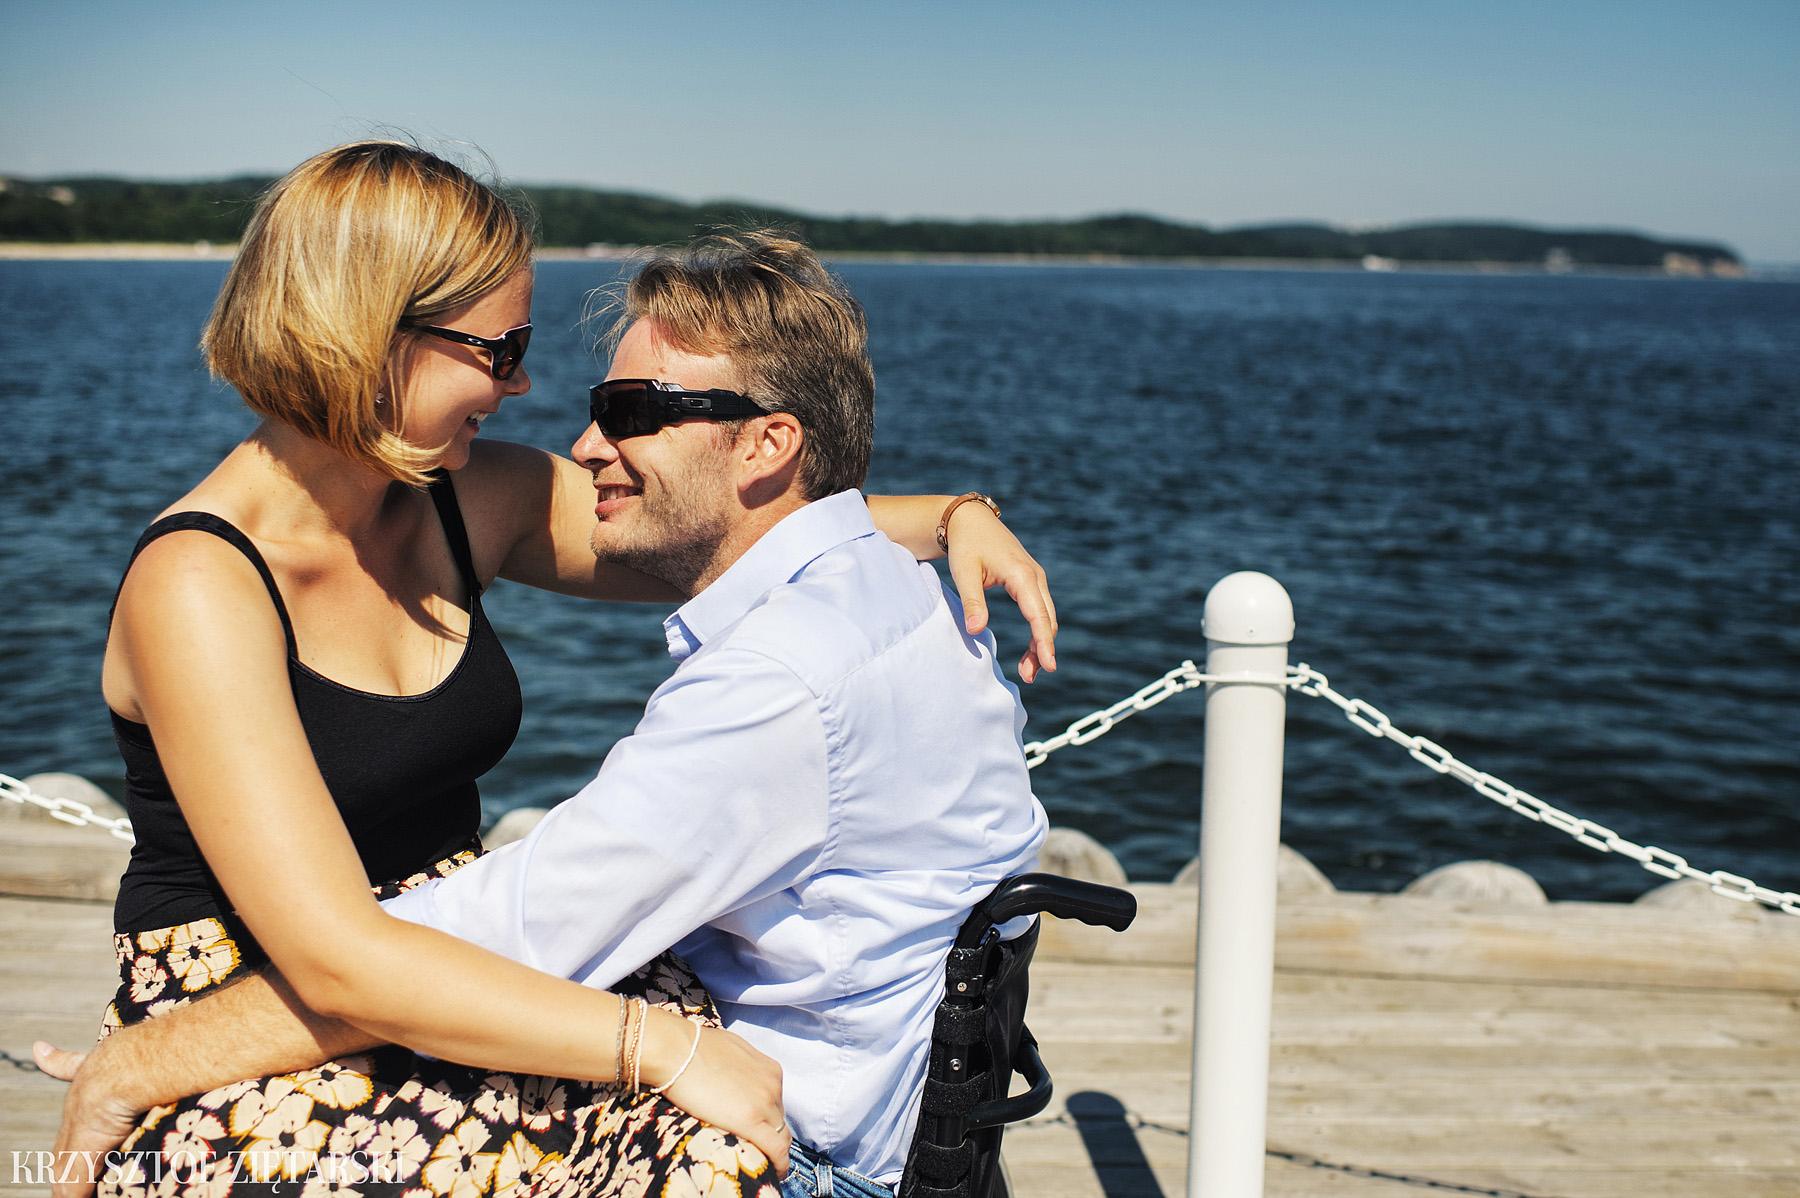 Ania i Mikkel - sesja fotograficzna na rocznicę ślubu w Sopocie, prezent na rocznicę ślubu - 2.